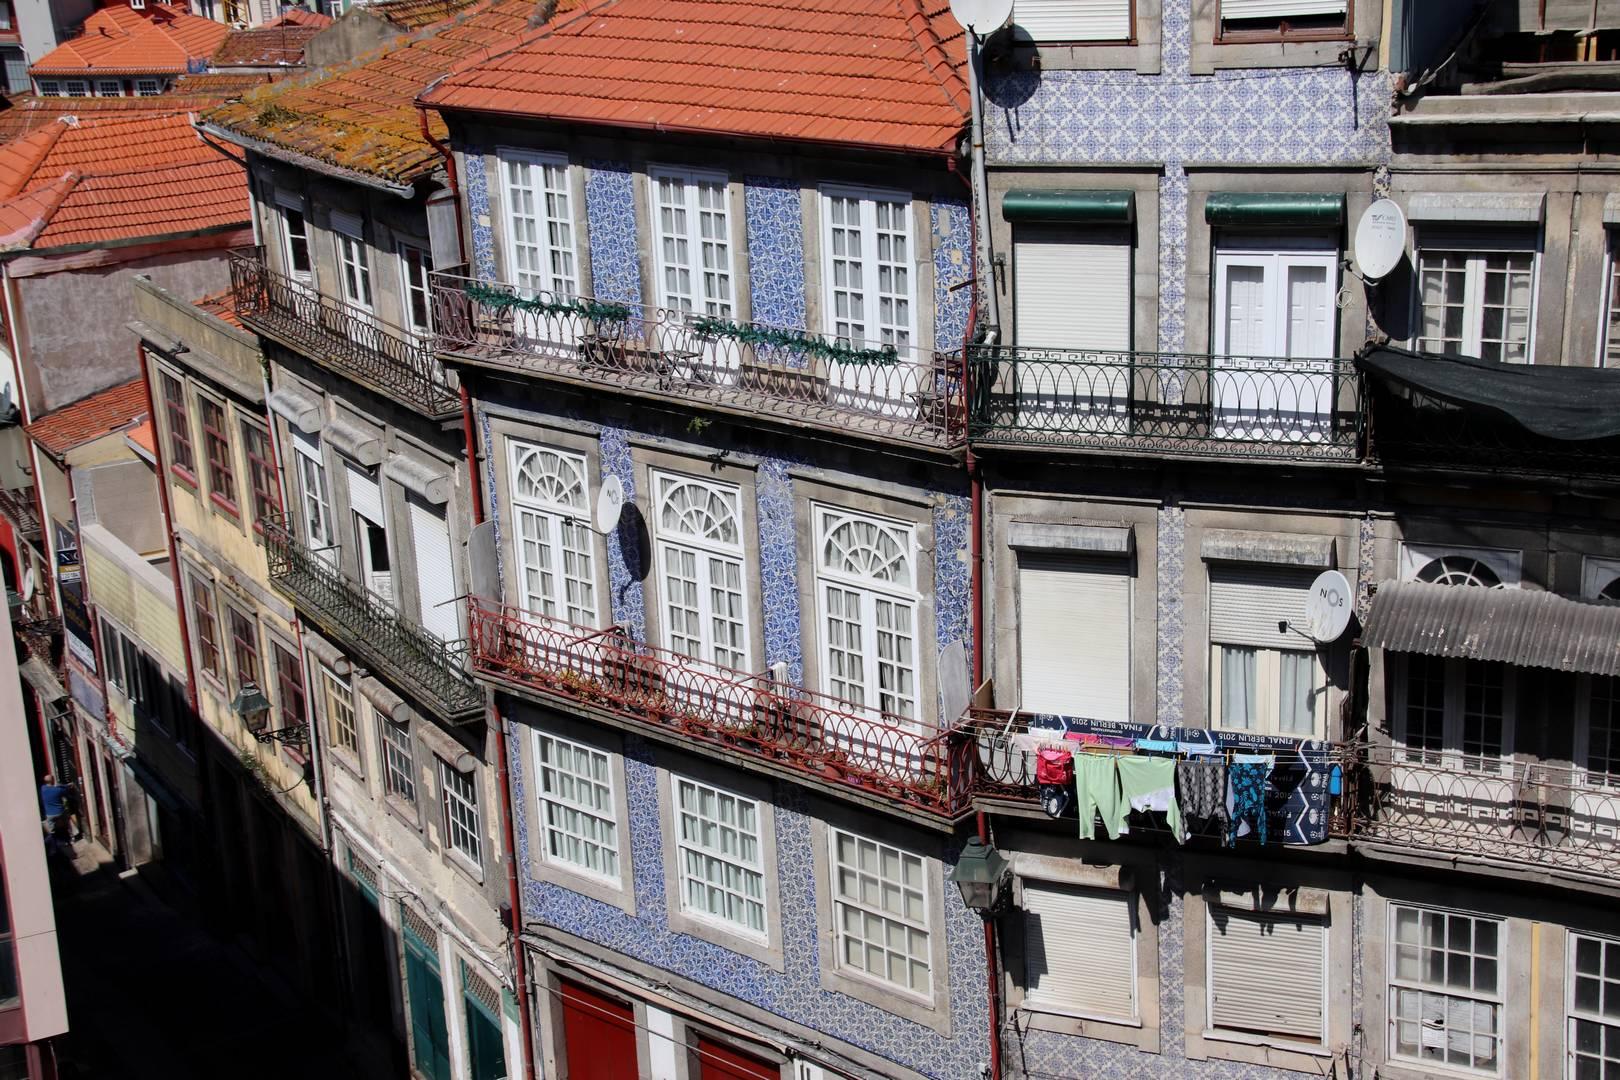 Portugal - Linge qui sèche au balcon à Porto